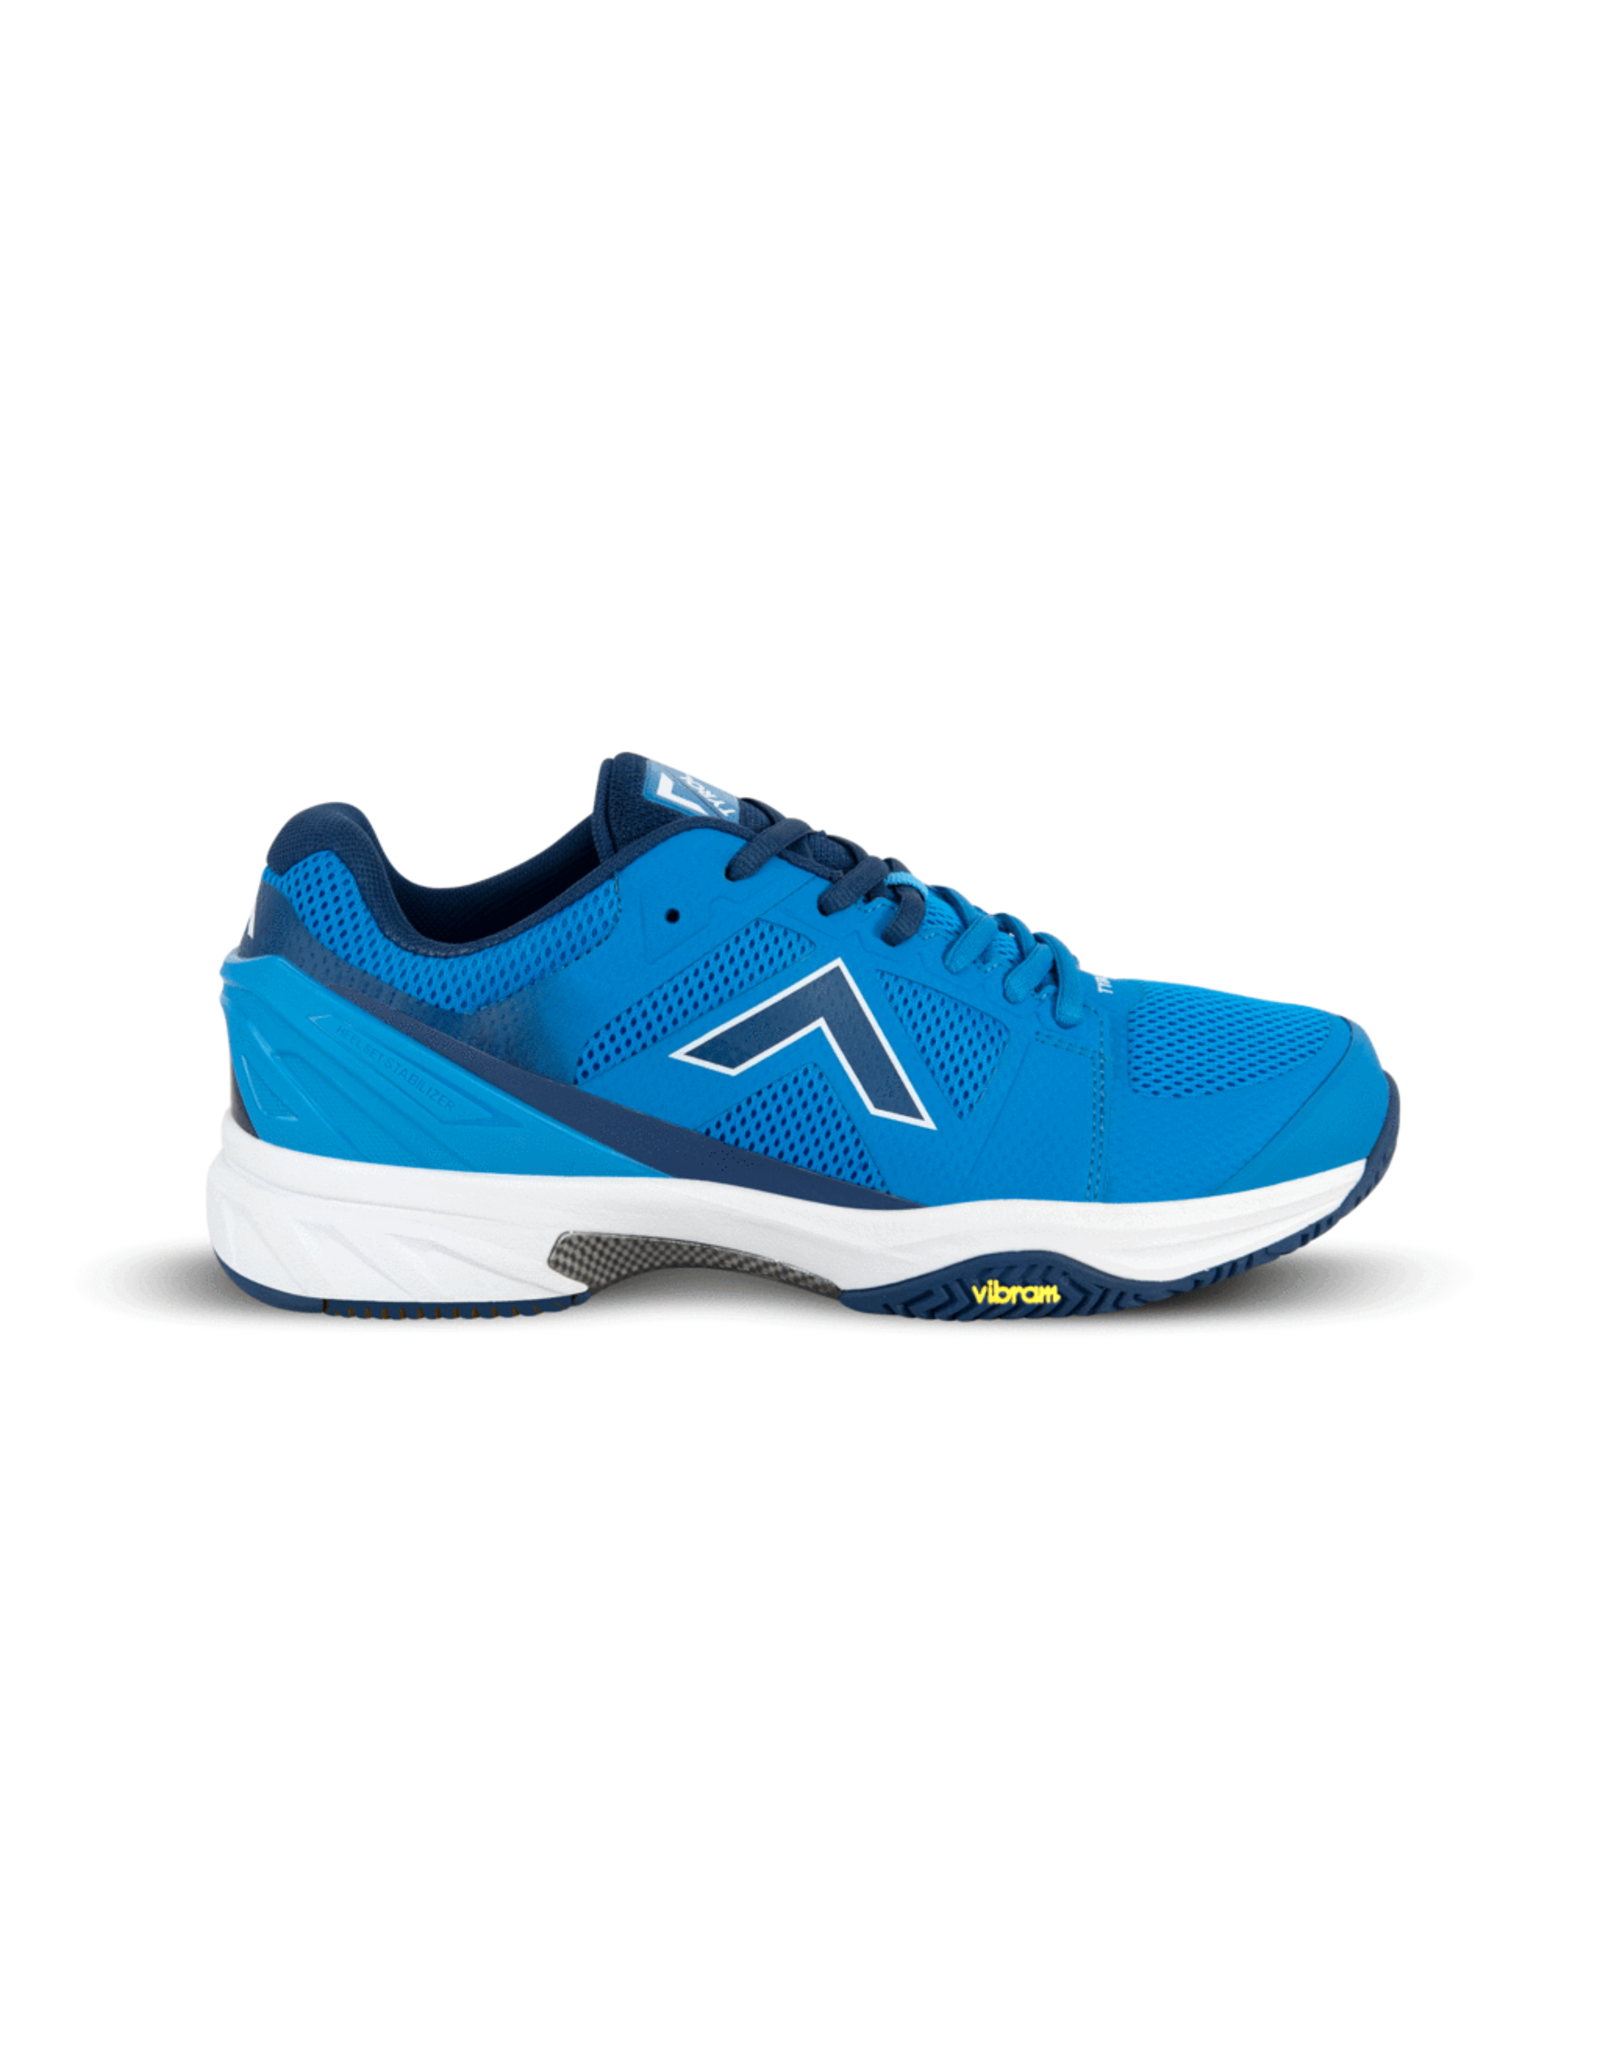 Tyrol Tyrol Pro Striker V Men's Pickleball Shoe